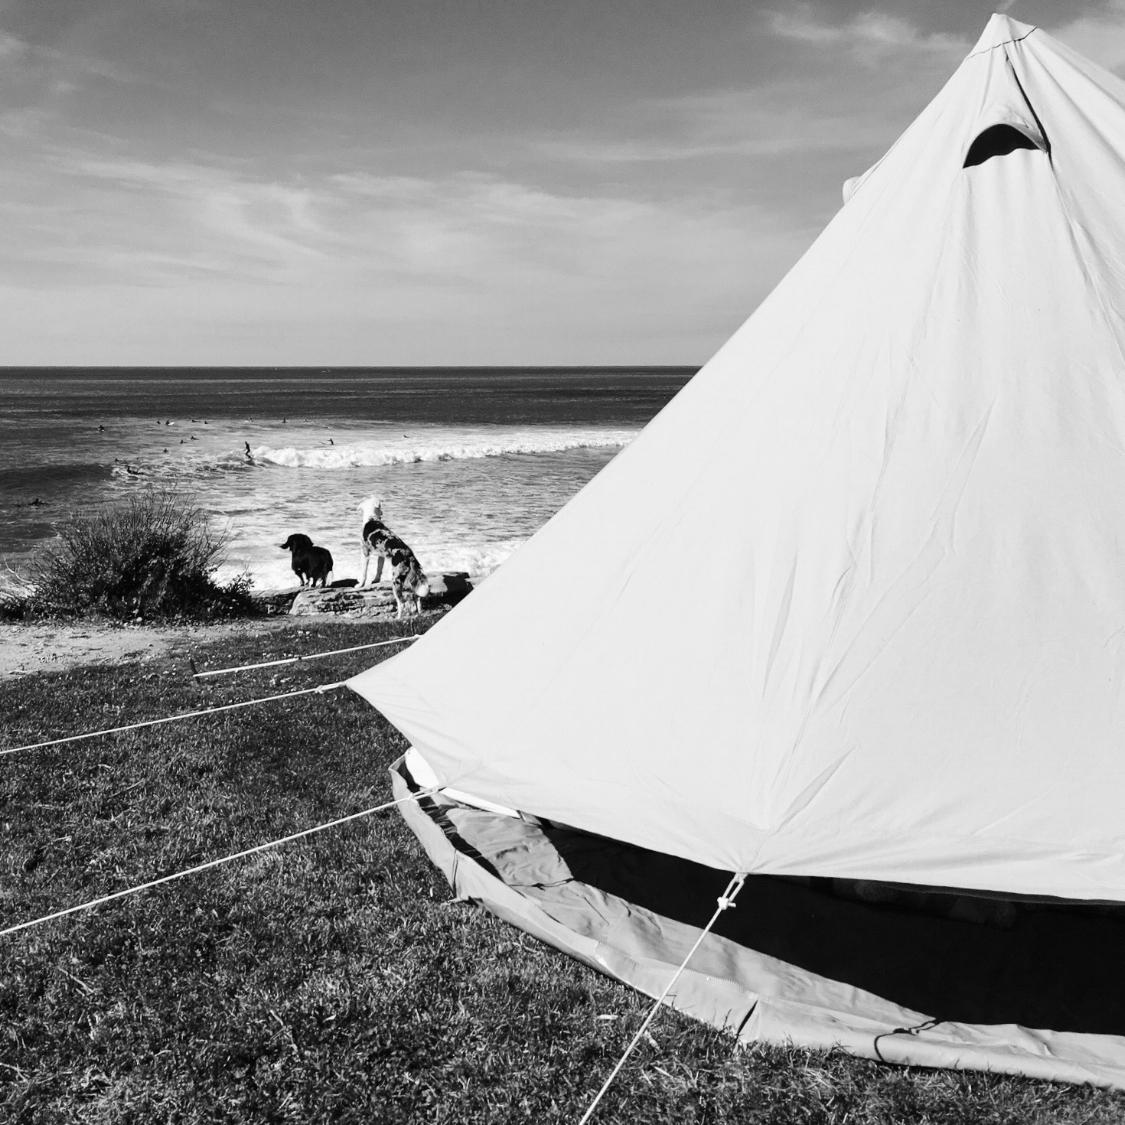 beach-1850966_1280.jpg